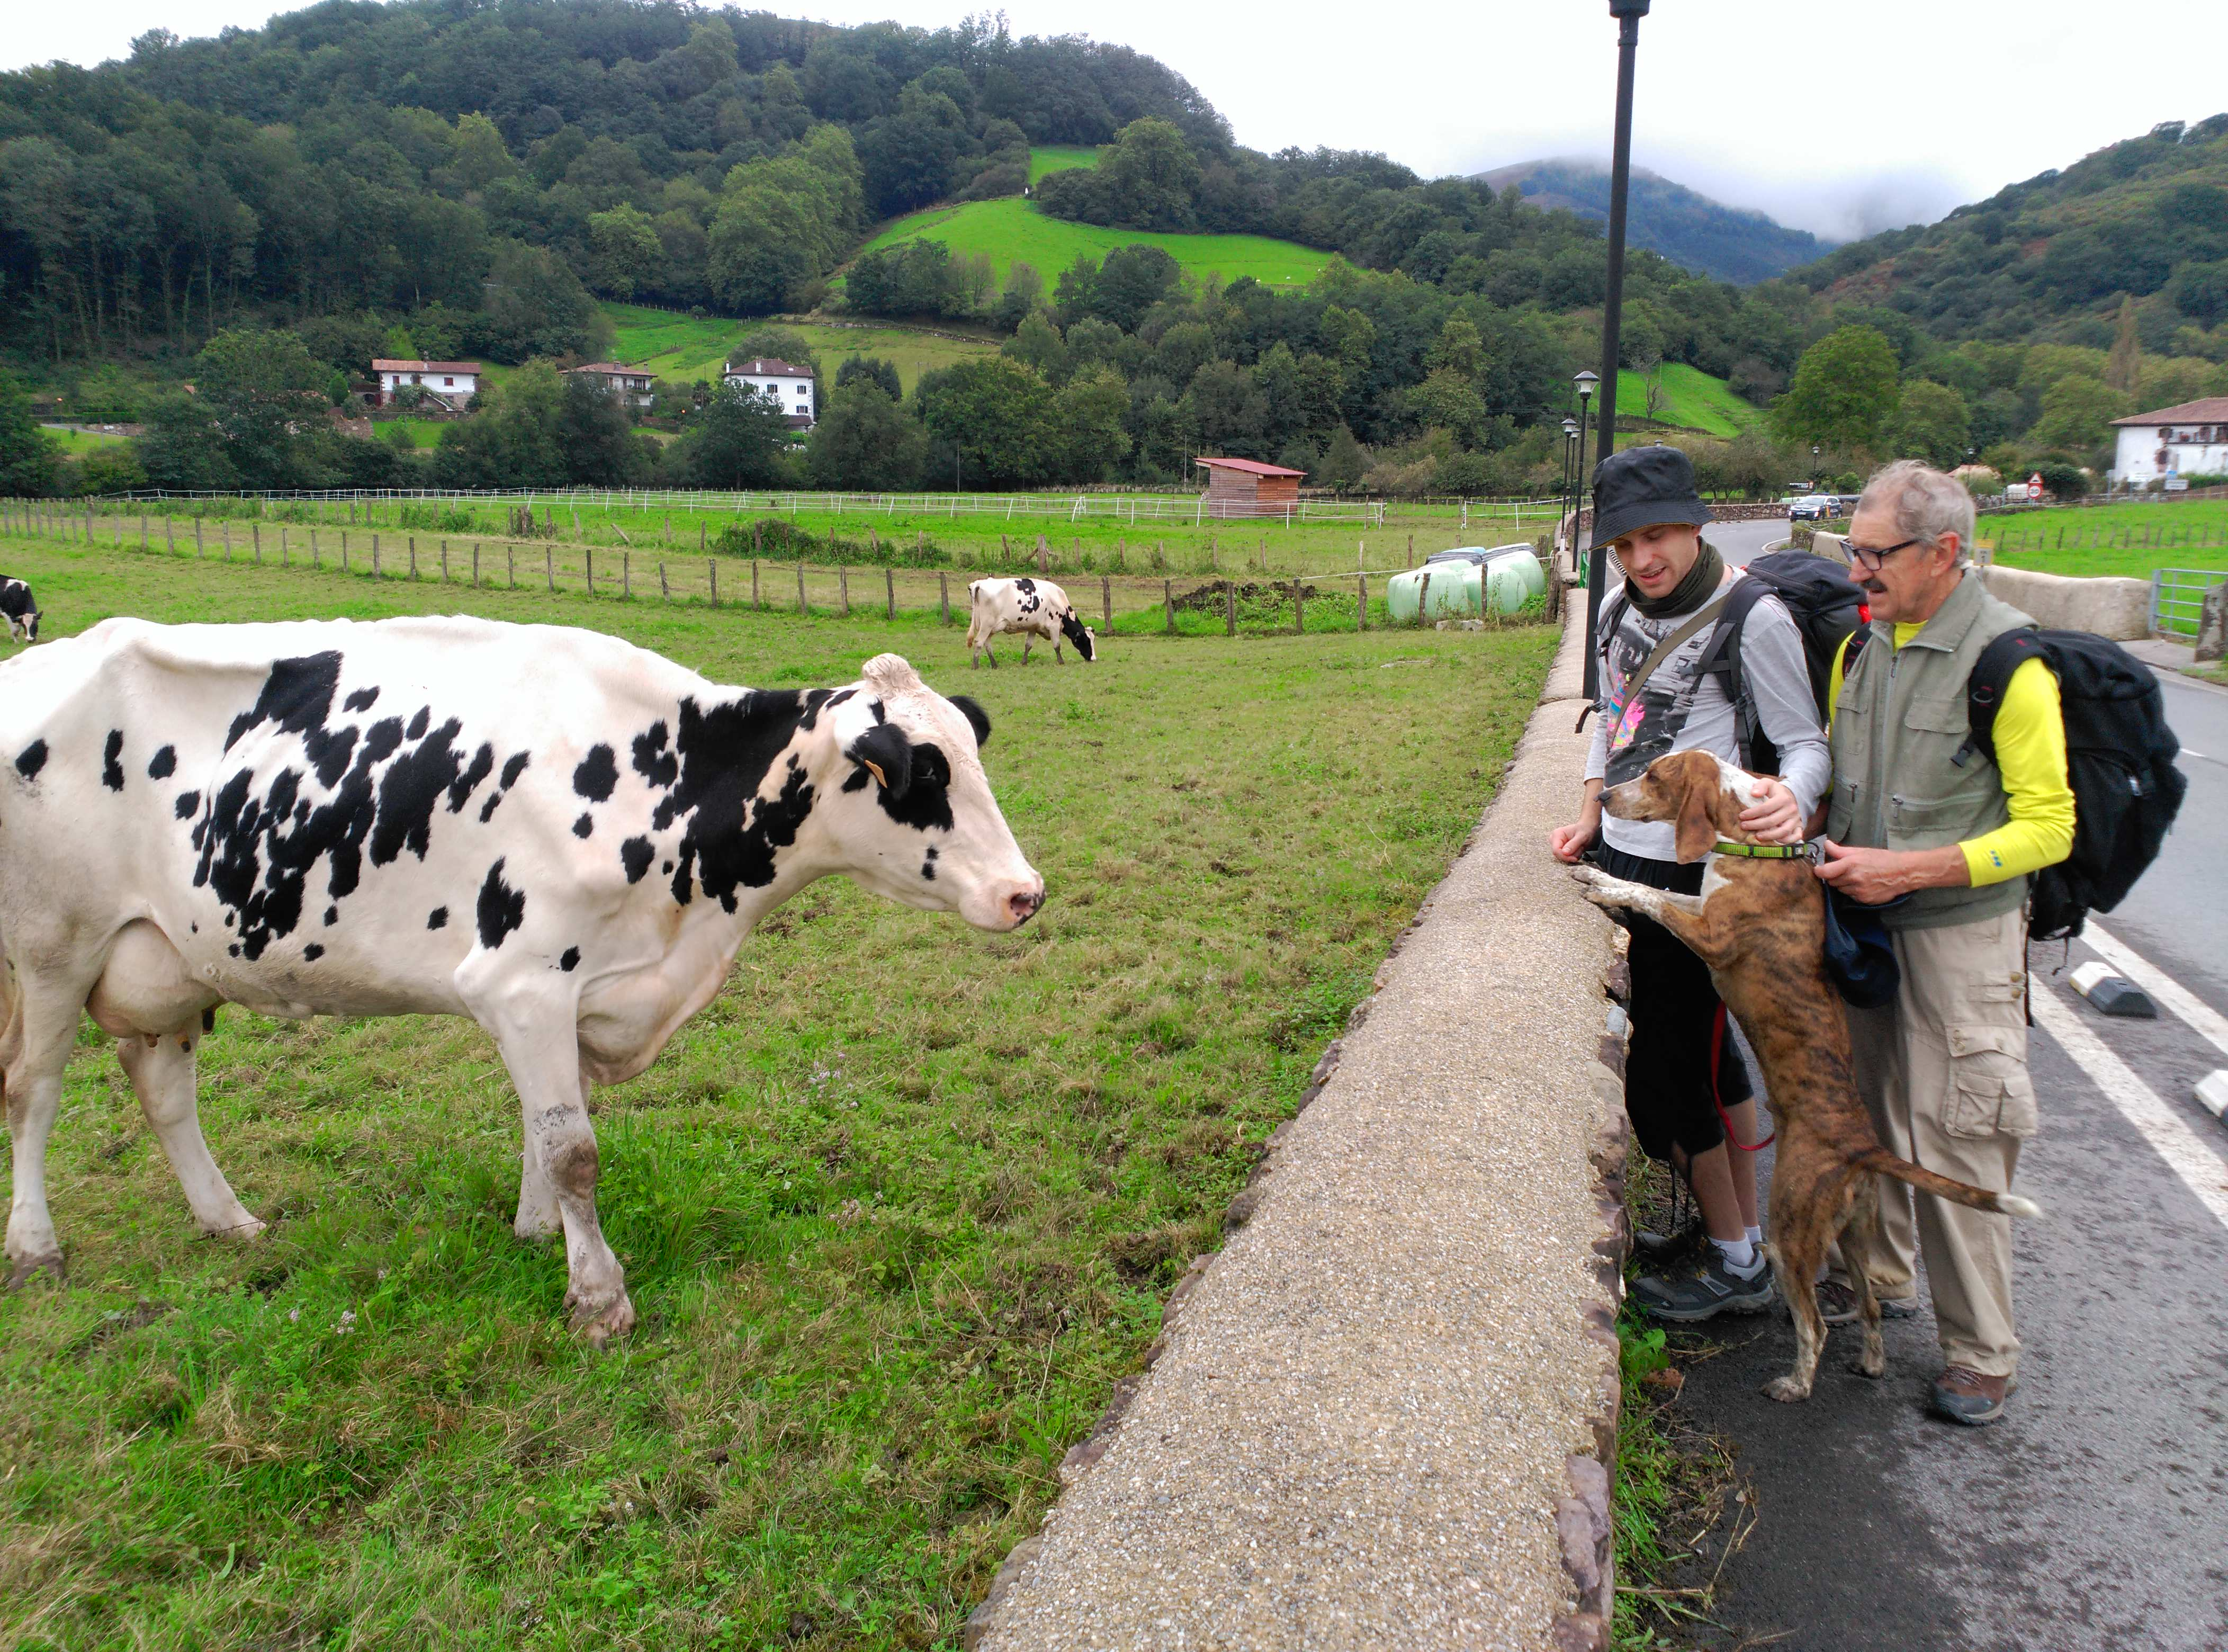 Camino con perros: Segunda Etapa Urdax Byron y su primer encuentro con una vaca